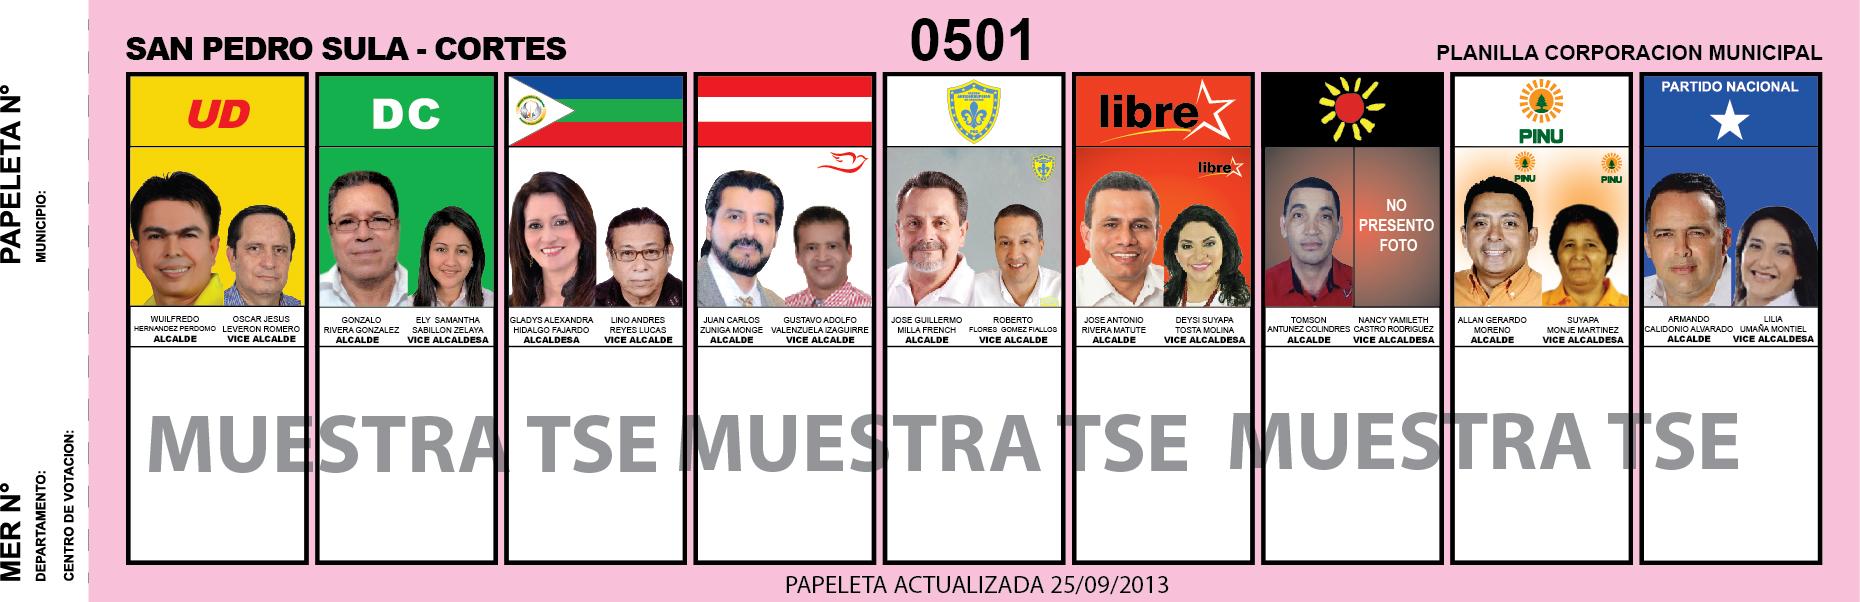 CANDIDATOS 2013 MUNICIPIO SAN PEDRO SULA - CORTES - HONDURAS